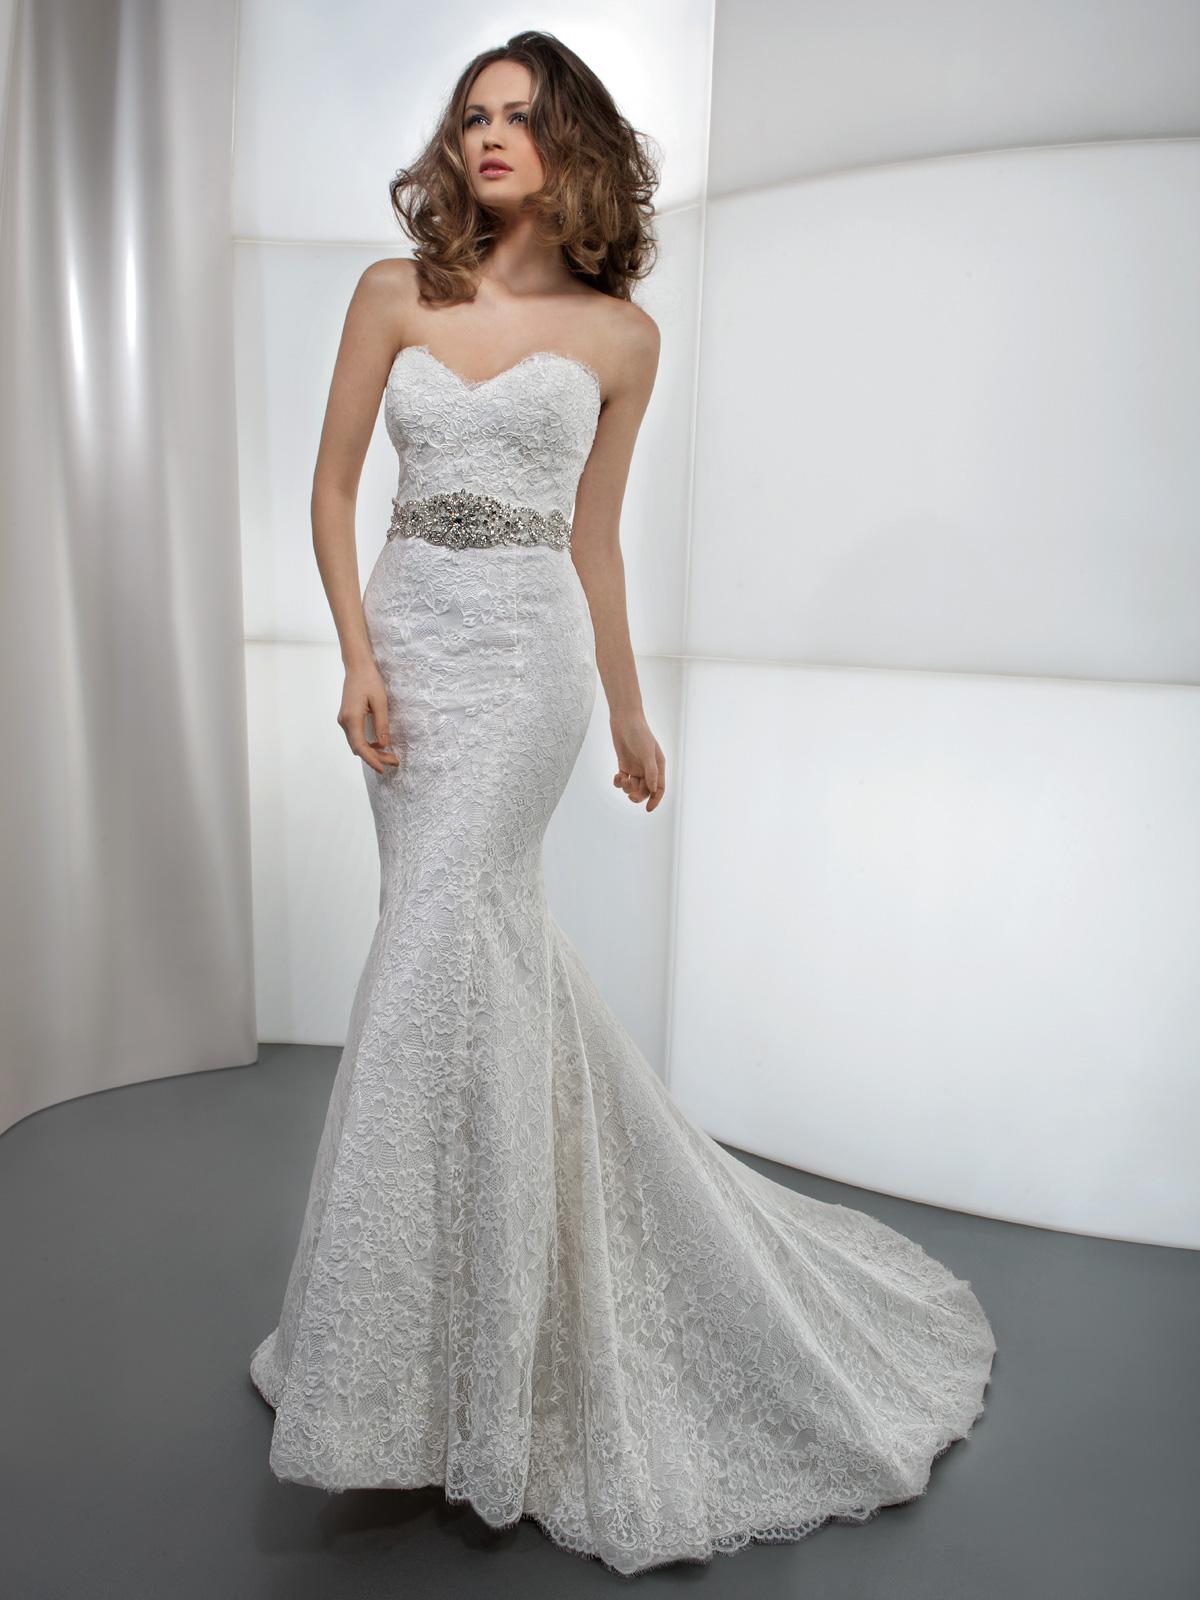 Vestido de Noiva sereia, tomara que caia, todo em renda com cinto de cristais e suave cauda.